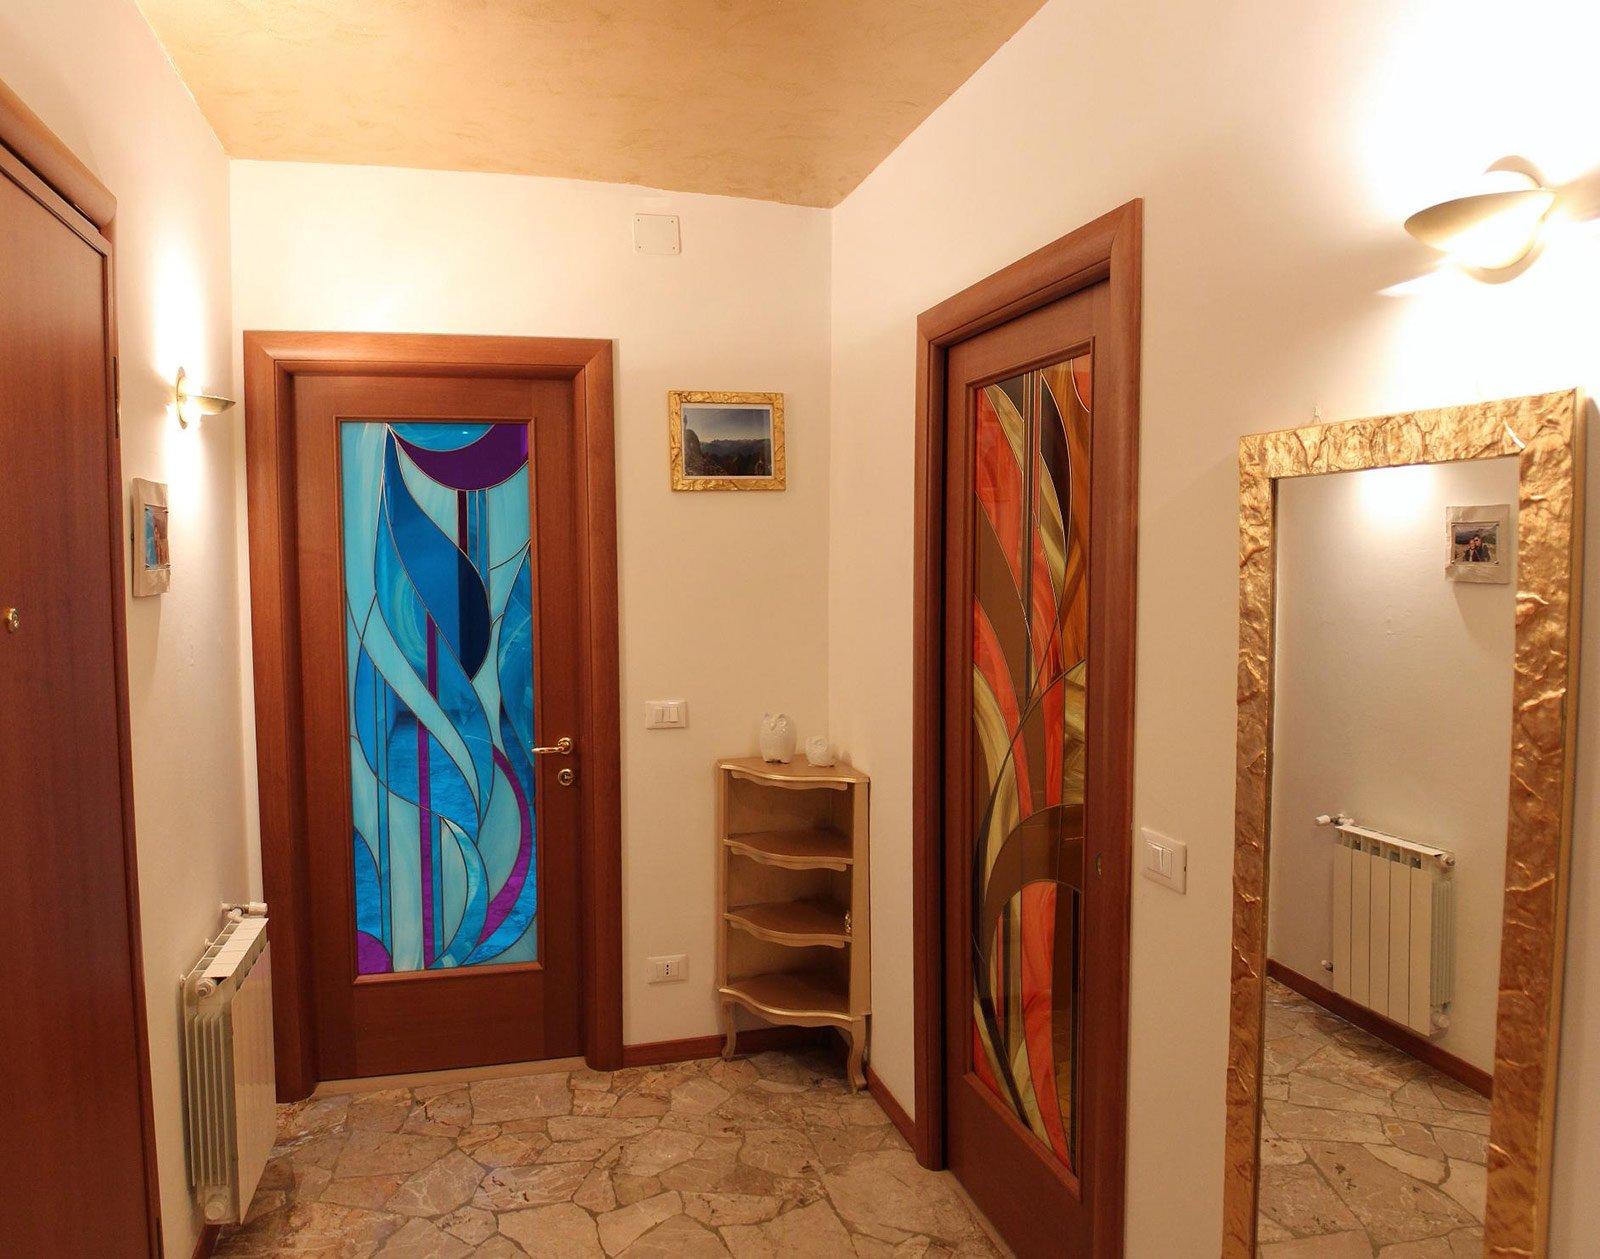 Corridoio quali finiture per pavimento e porte cose di - Tinte per pareti di casa ...